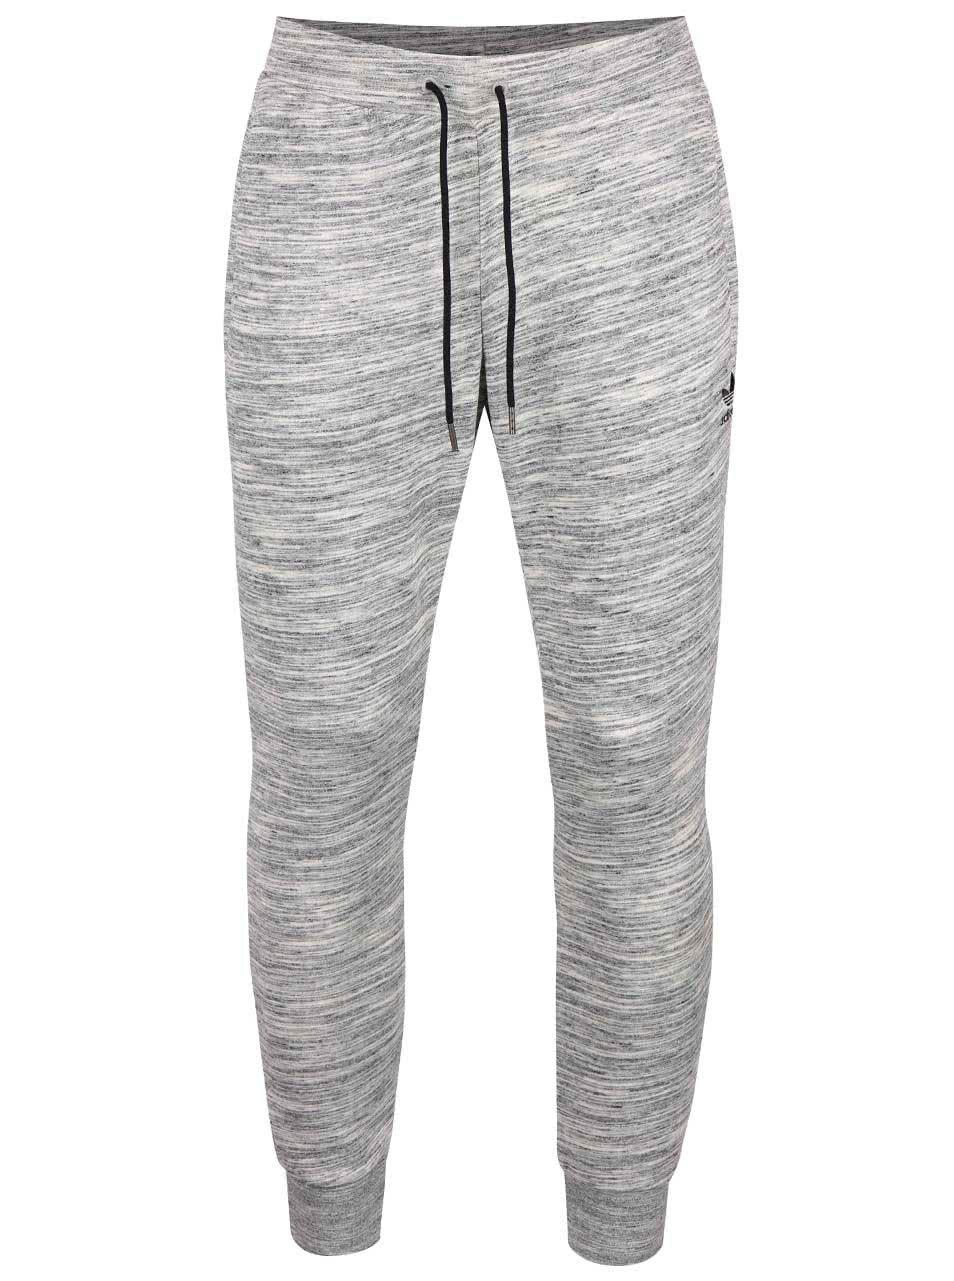 Sivé melírované pánske tepláky adidas Originals PT ... 10df0c067ca